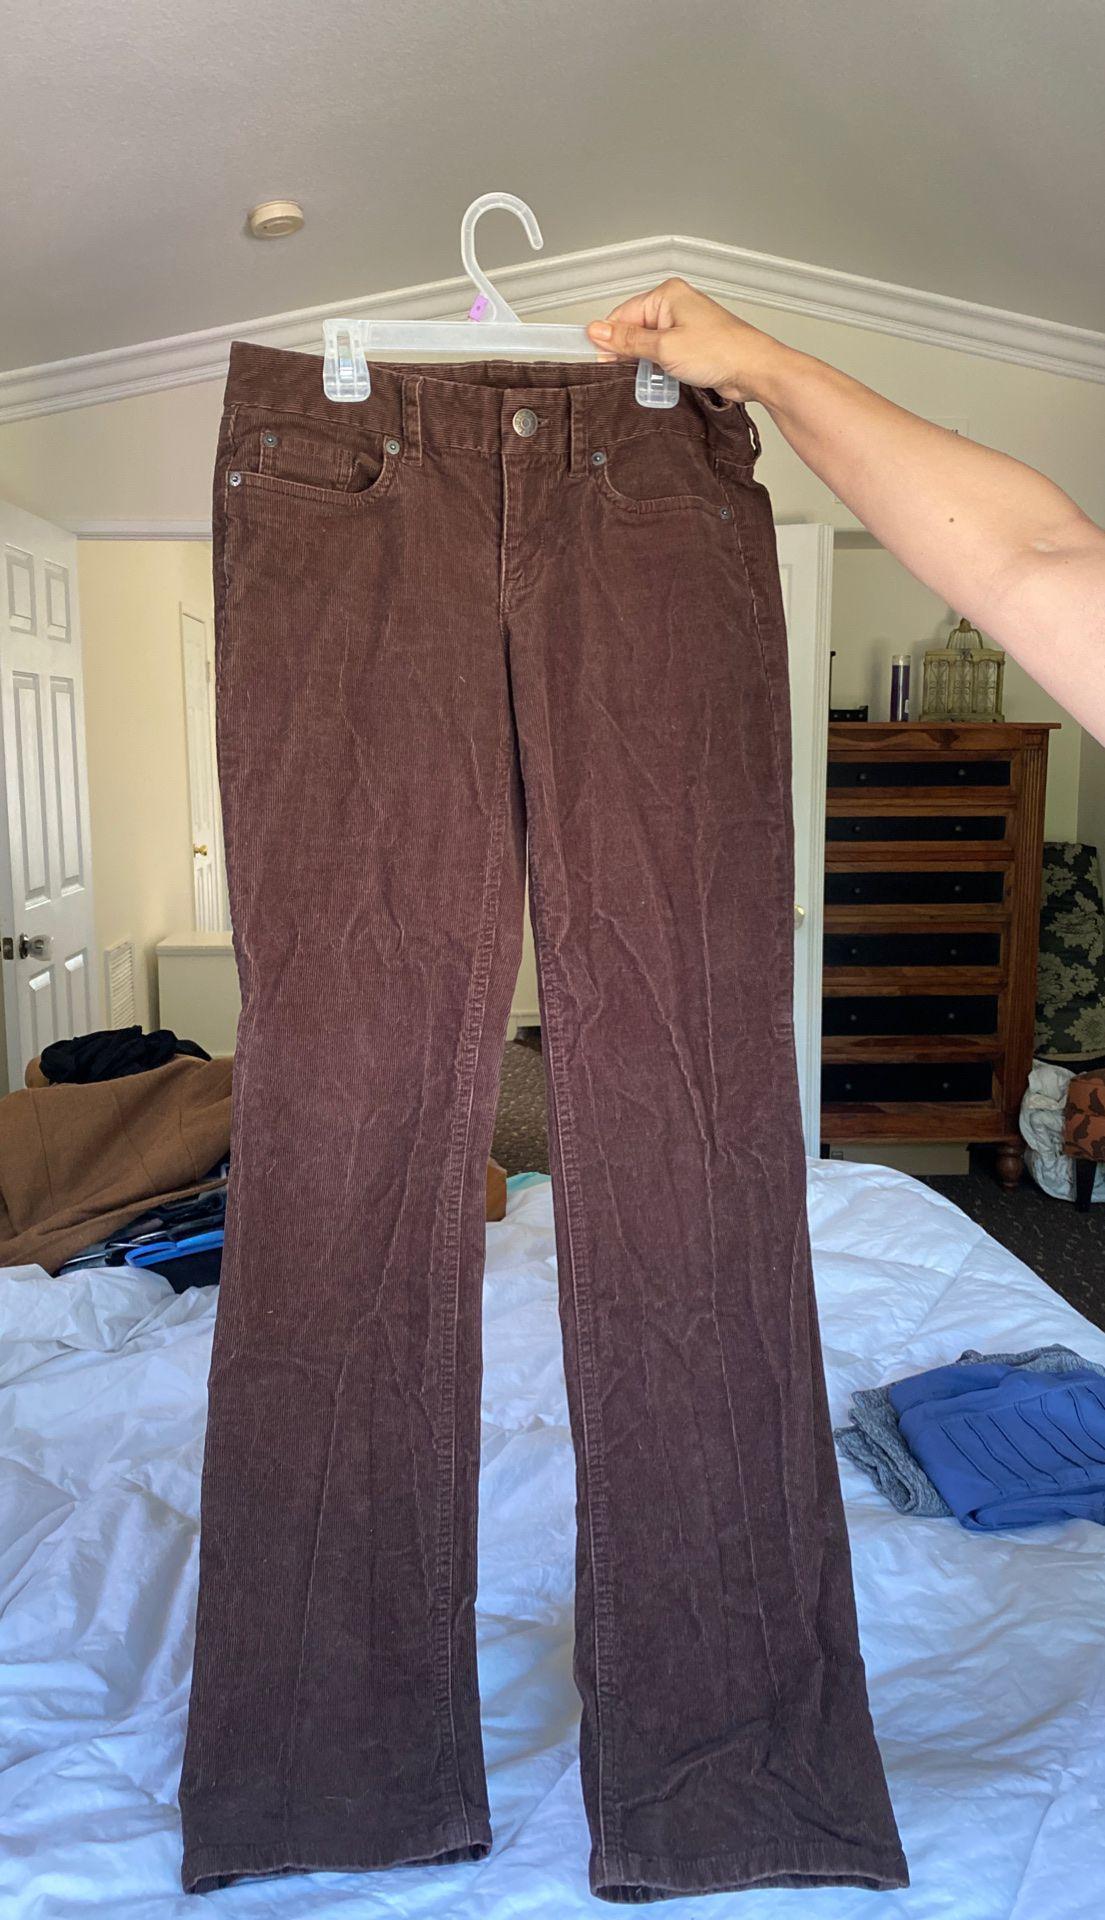 Jcrew brown corduroy pants